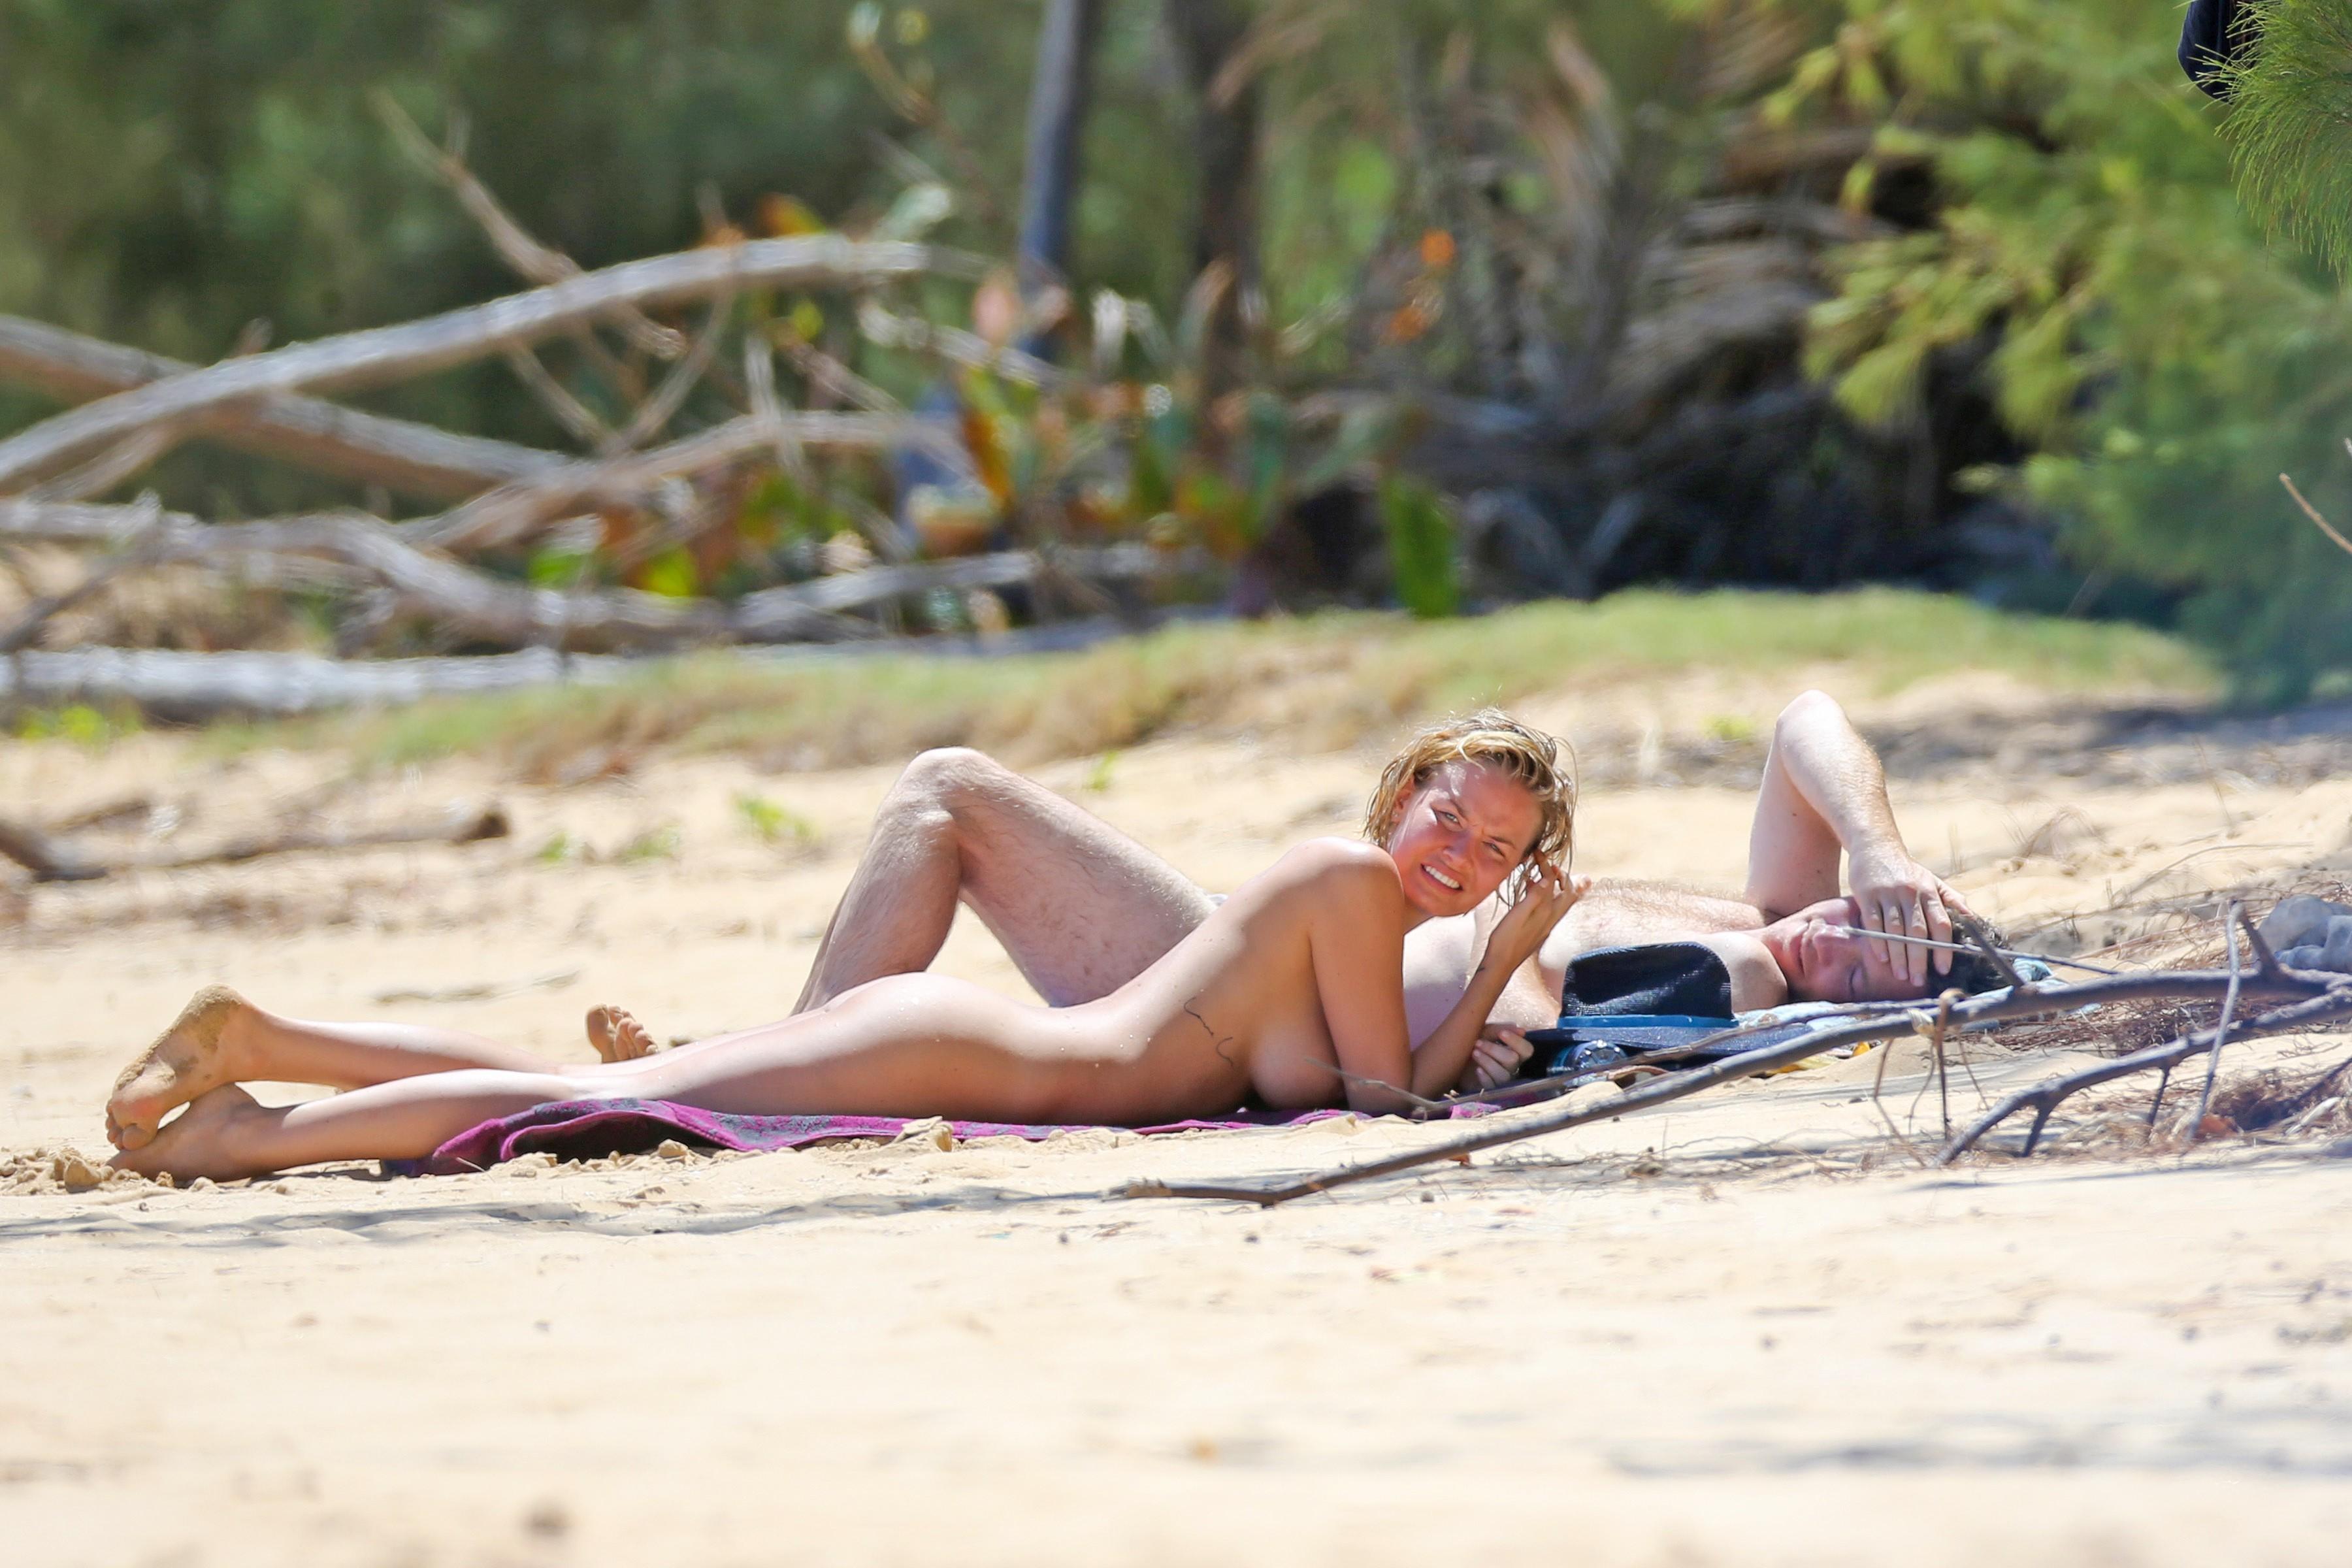 Size girl nude lara bingle fucking sexy